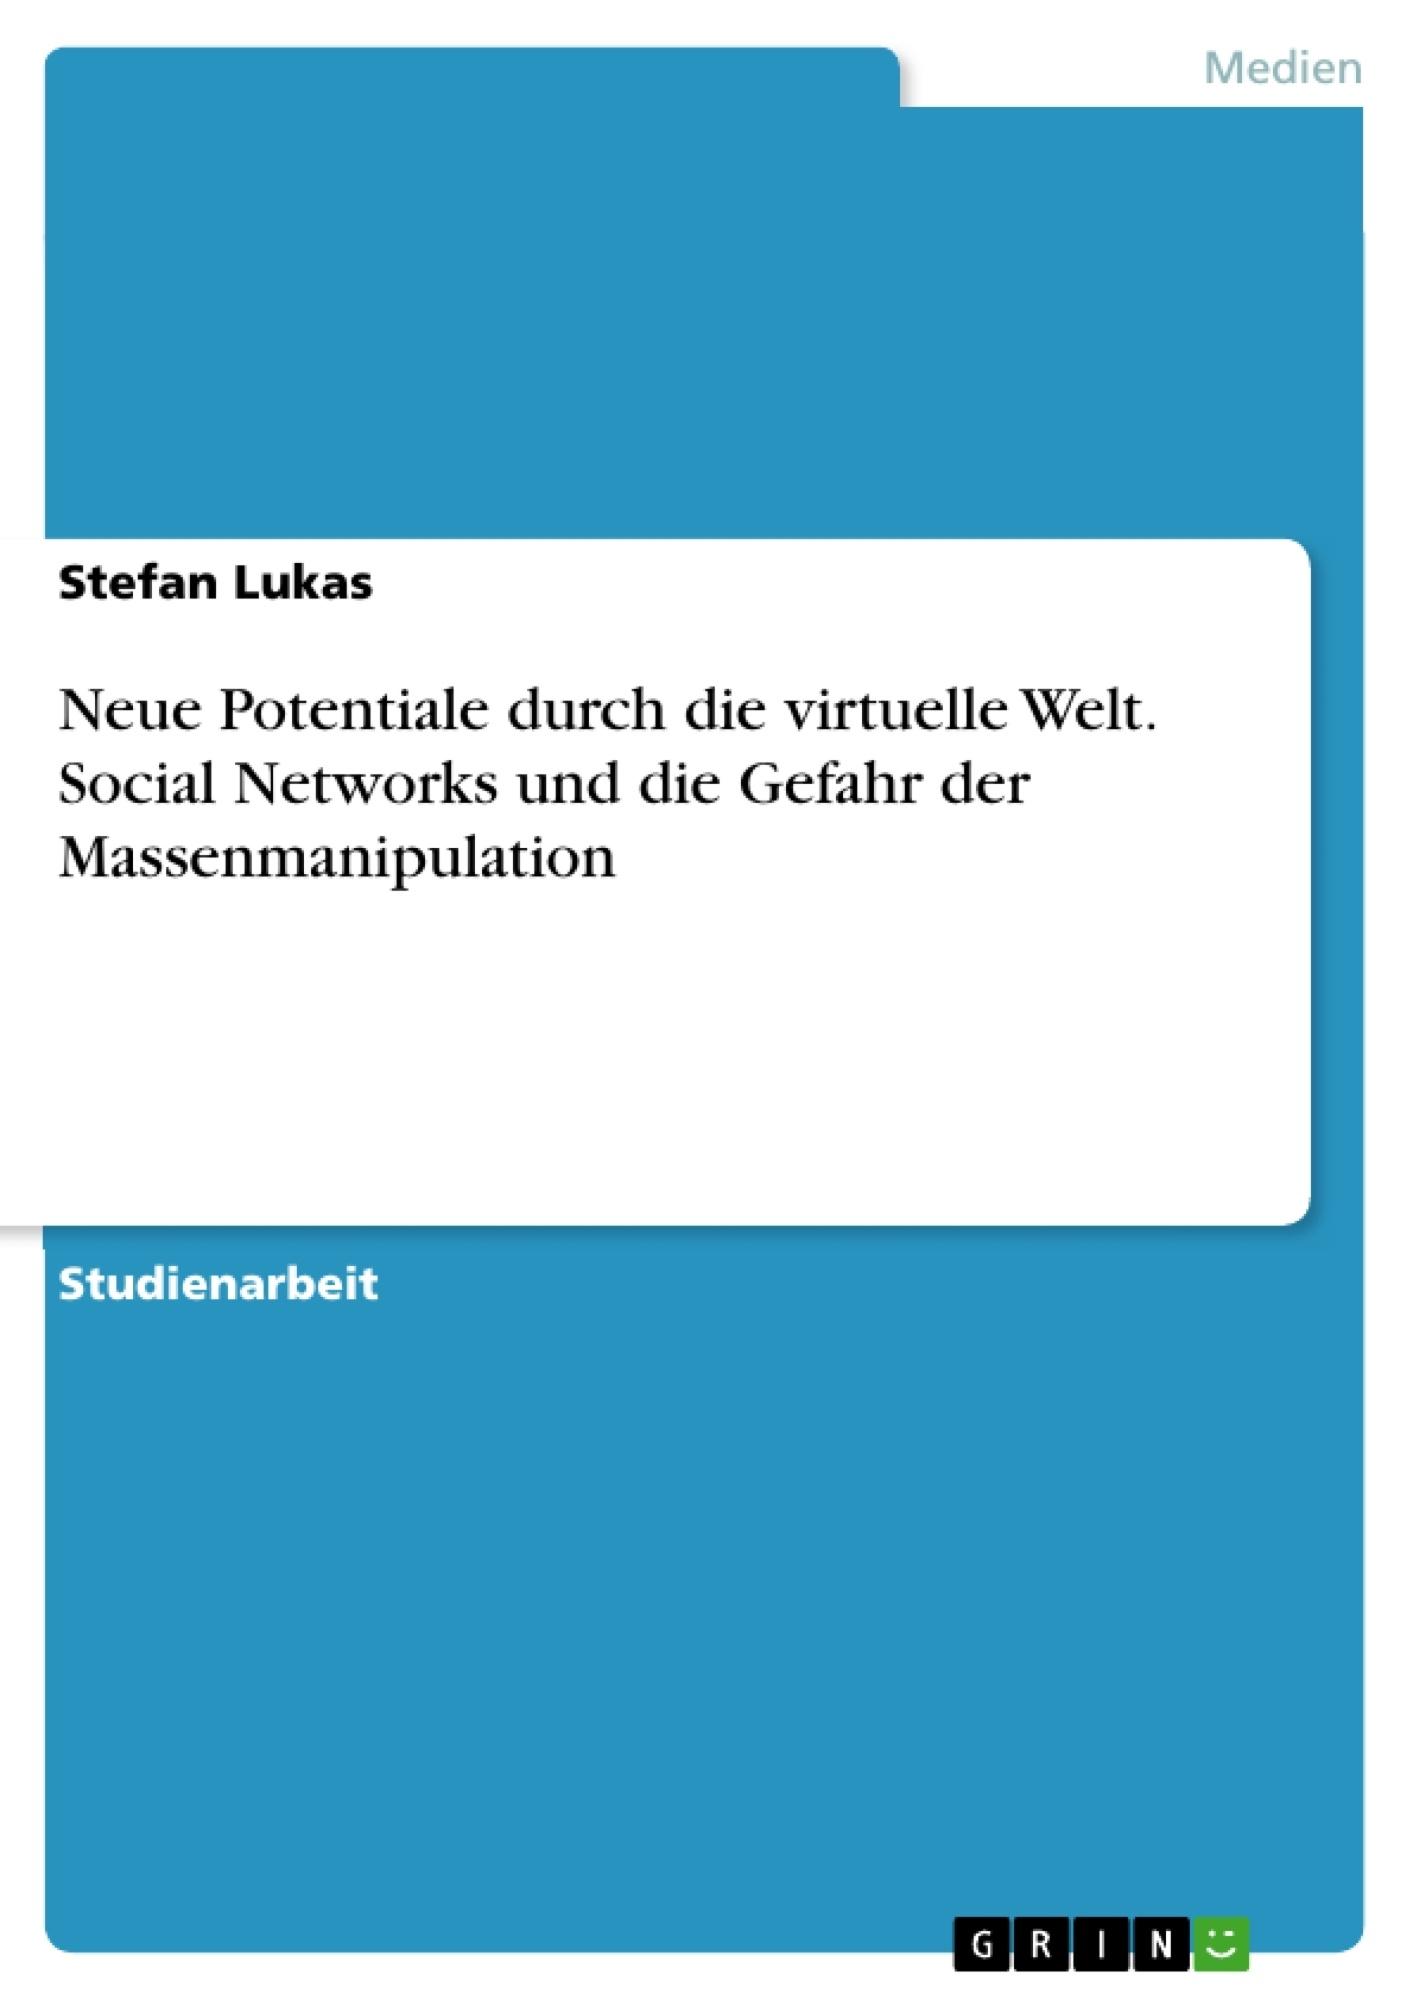 Titel: Neue Potentiale durch die virtuelle Welt. Social Networks und die Gefahr der Massenmanipulation